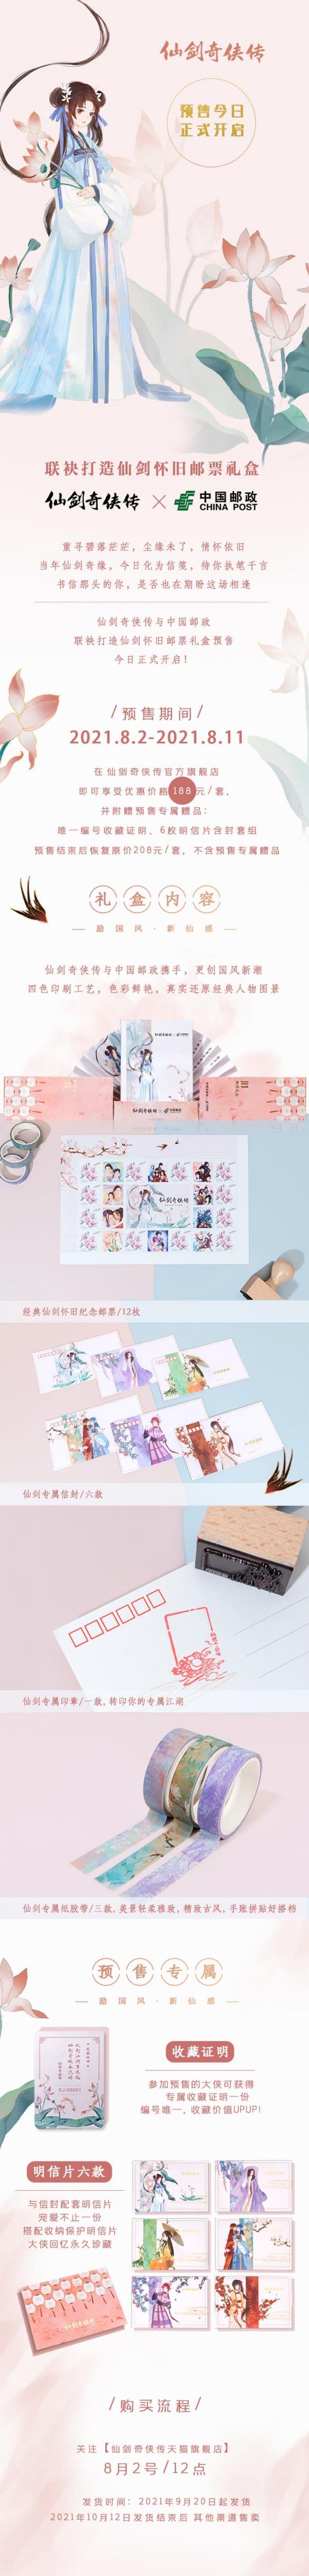 《仙剑奇侠传》联动中国邮政推出邮票礼盒!预售可享优惠价188元/套